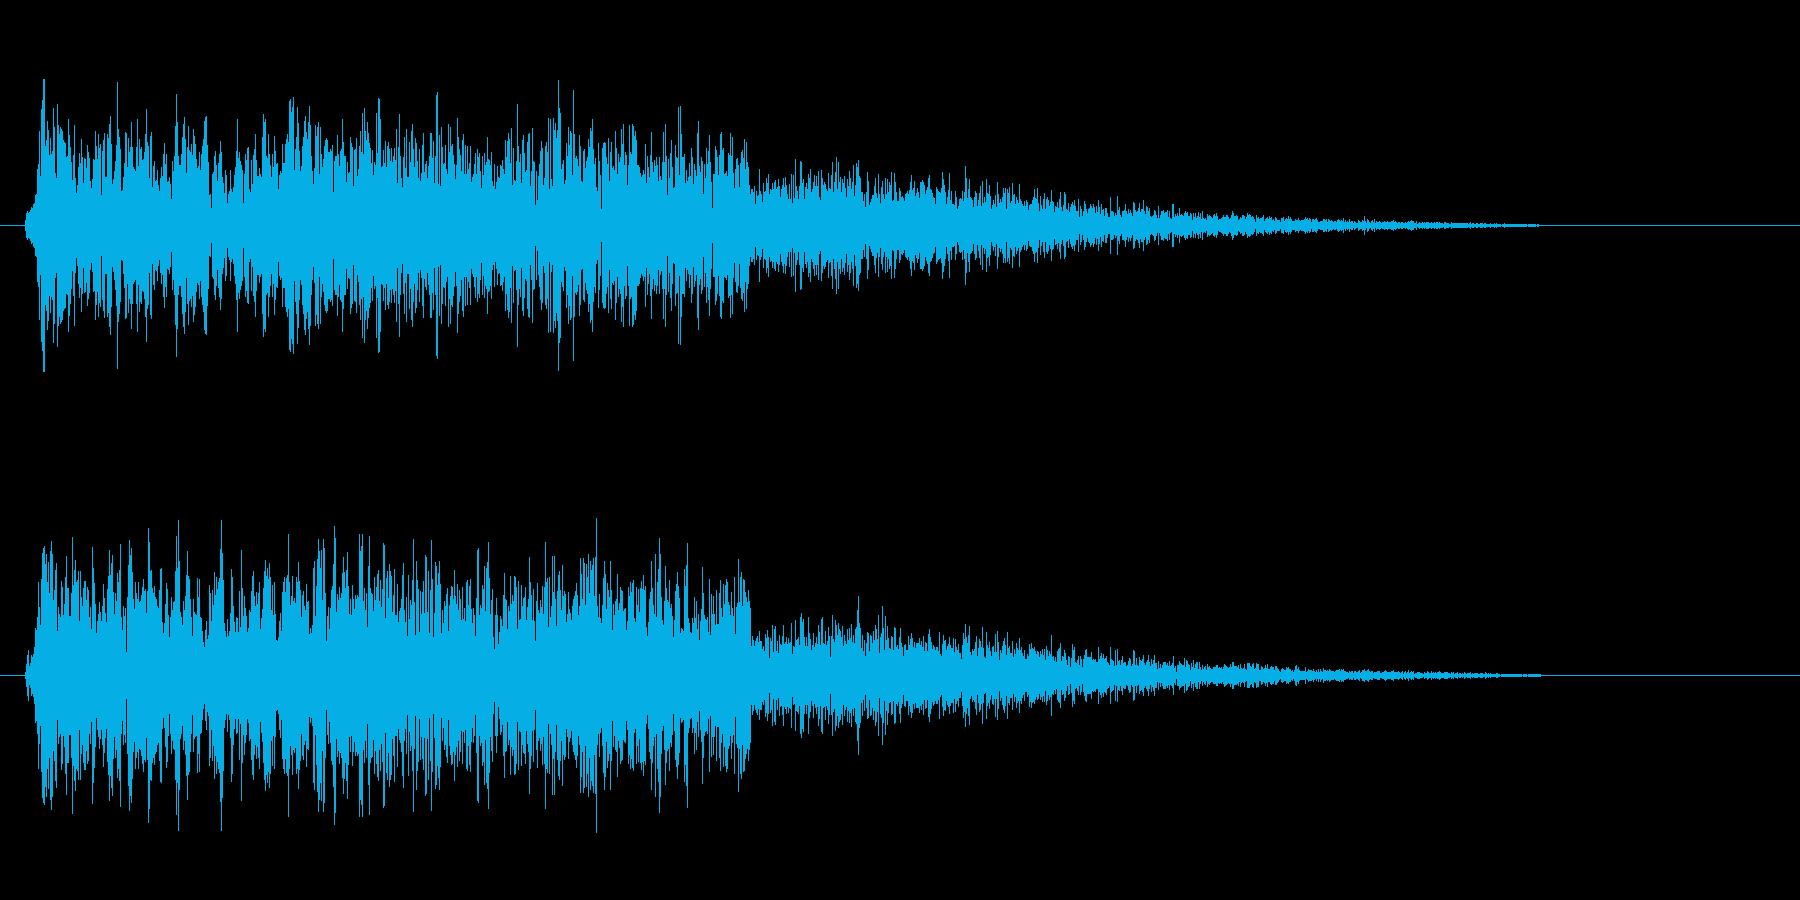 シュシュシュー(電子風切り音)の再生済みの波形